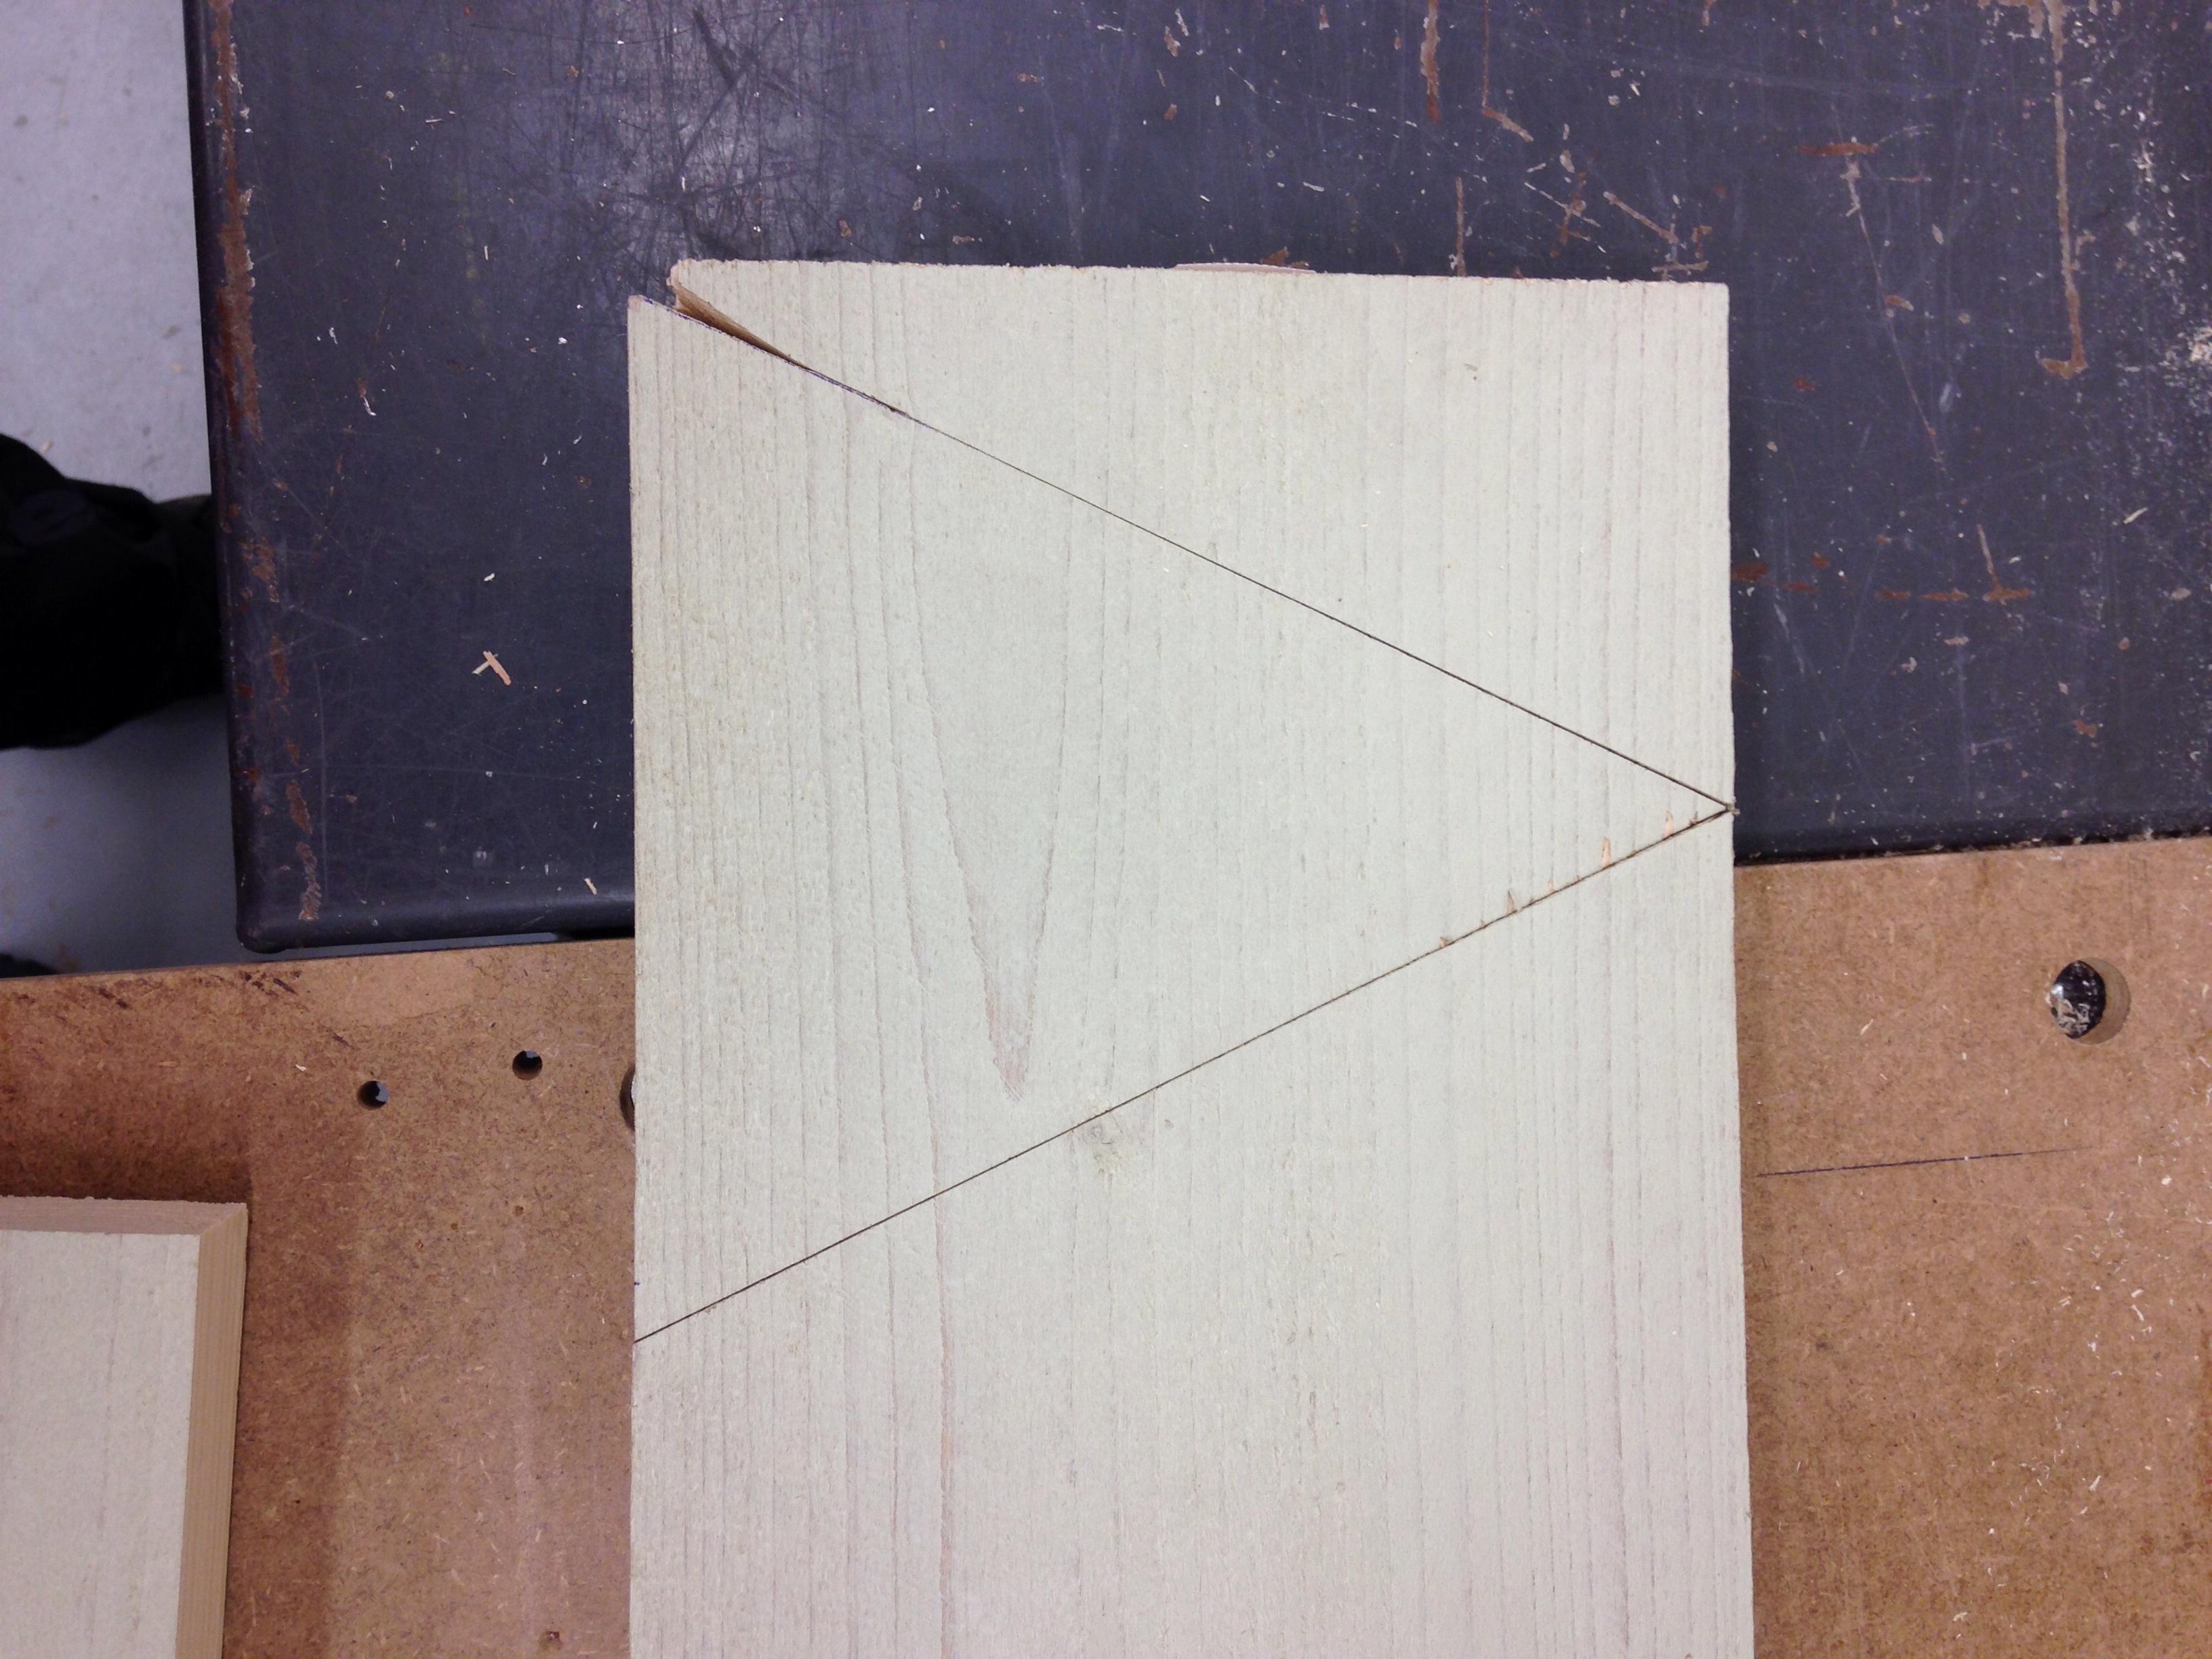 Bureau maken van ikea ladeblokken steigerhout voordemakers